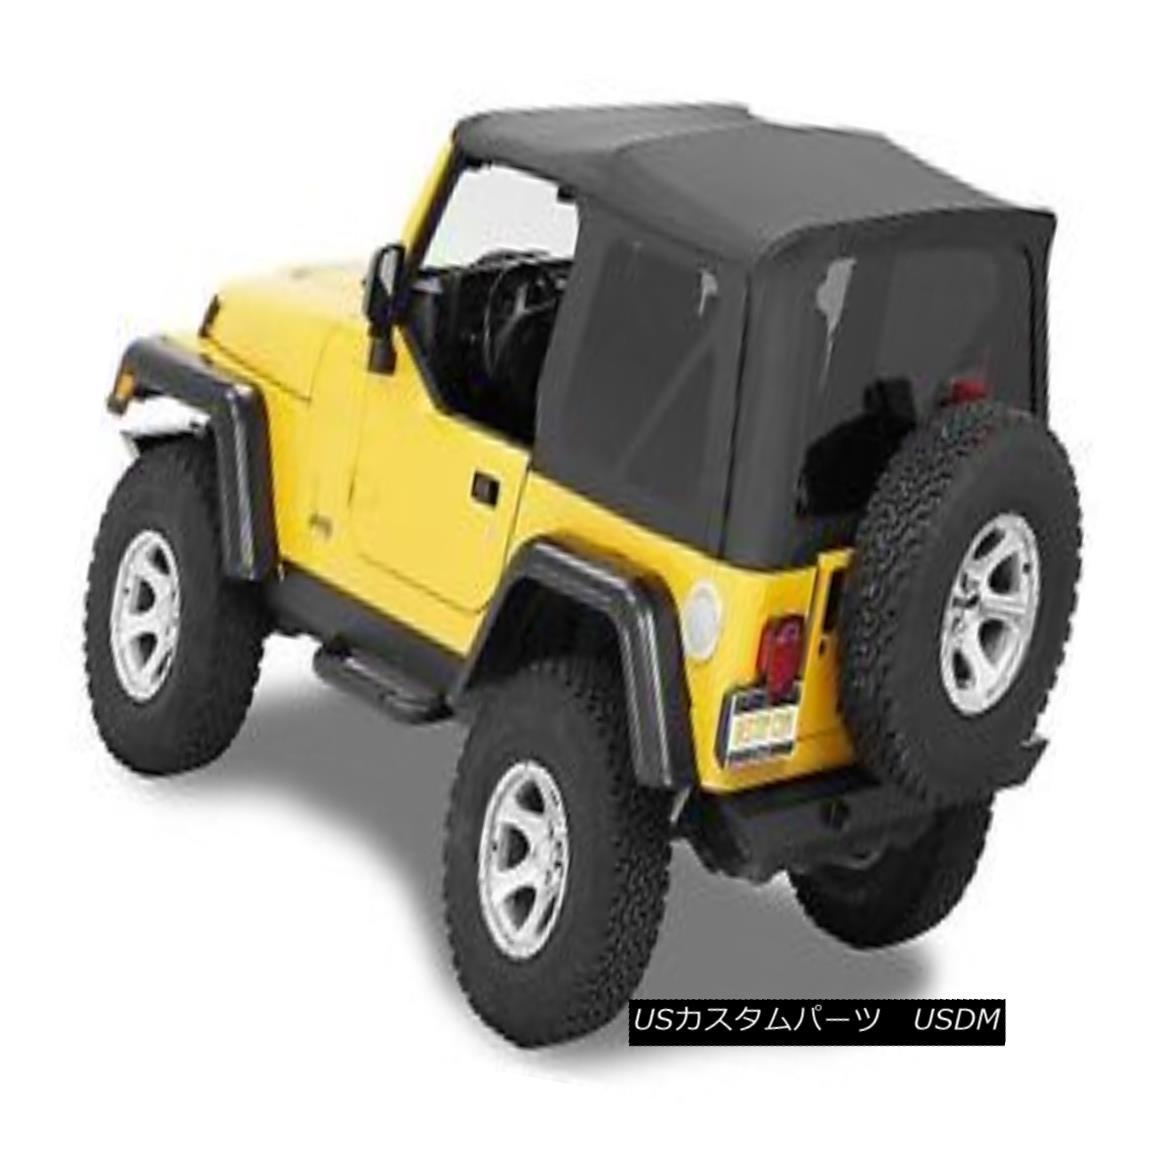 幌・ソフトトップ Bestop Supertop NX 88-95 Jeep Wrangler YJ Tinted No Doors Black Crush Bestop Supertop NX 88-95ジープラングラーYJティンテッドノードアブラッククラッシュ